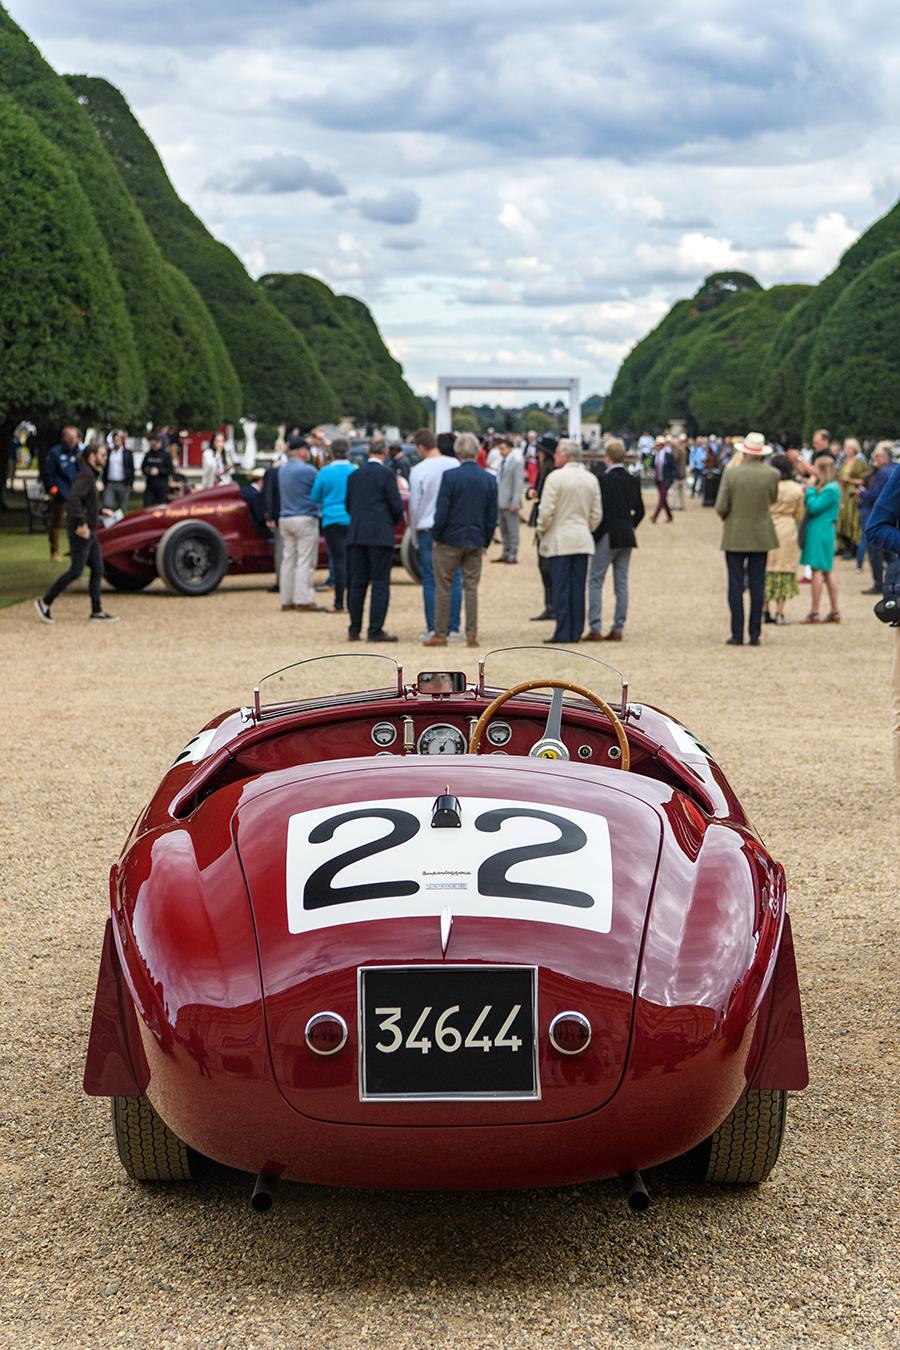 Concours of Elegance Ferrari 166MM